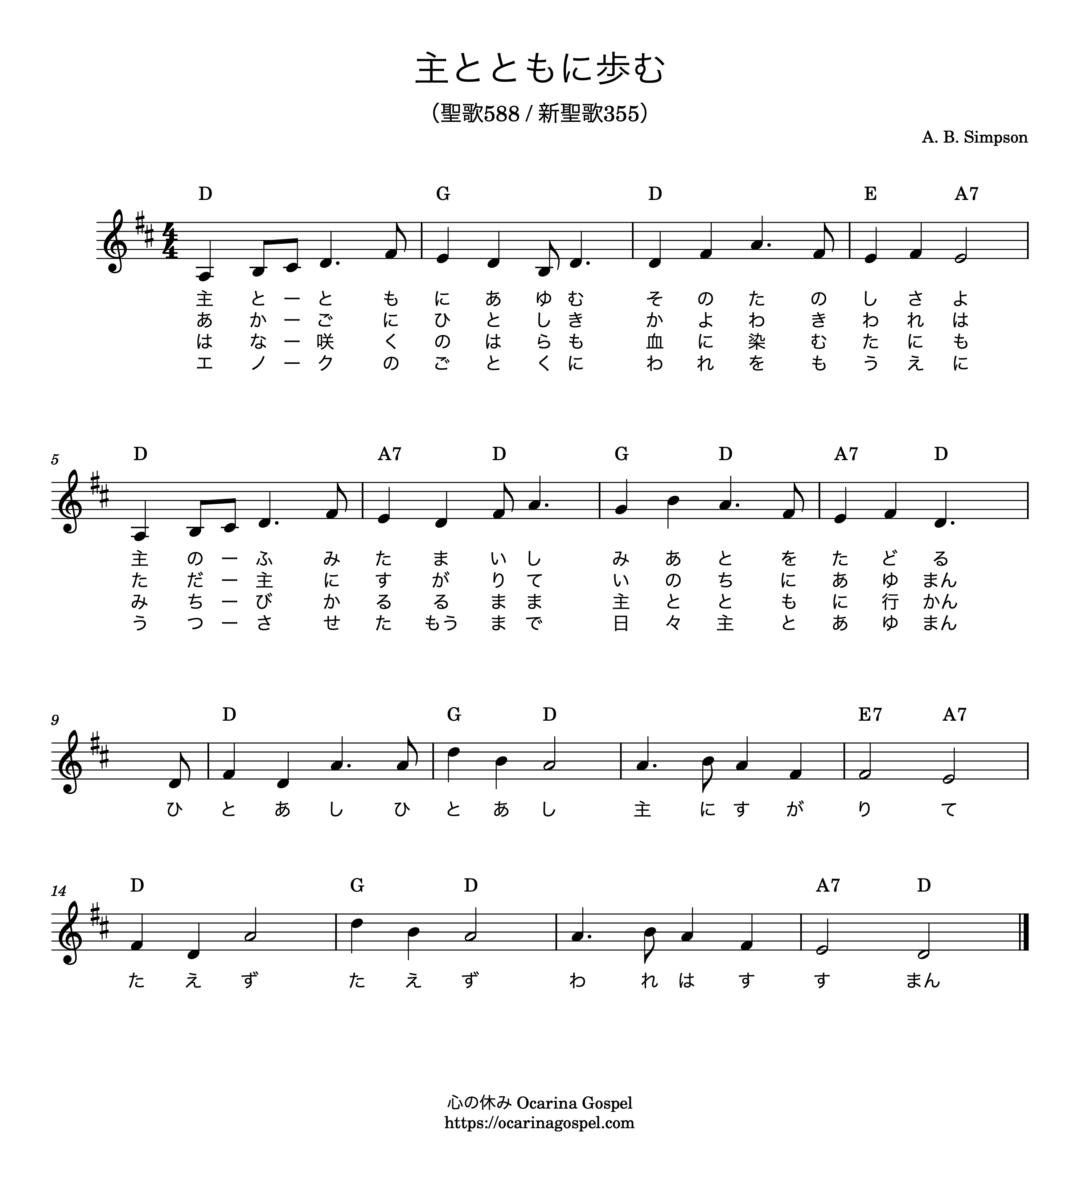 主とともに歩む 聖歌 楽譜